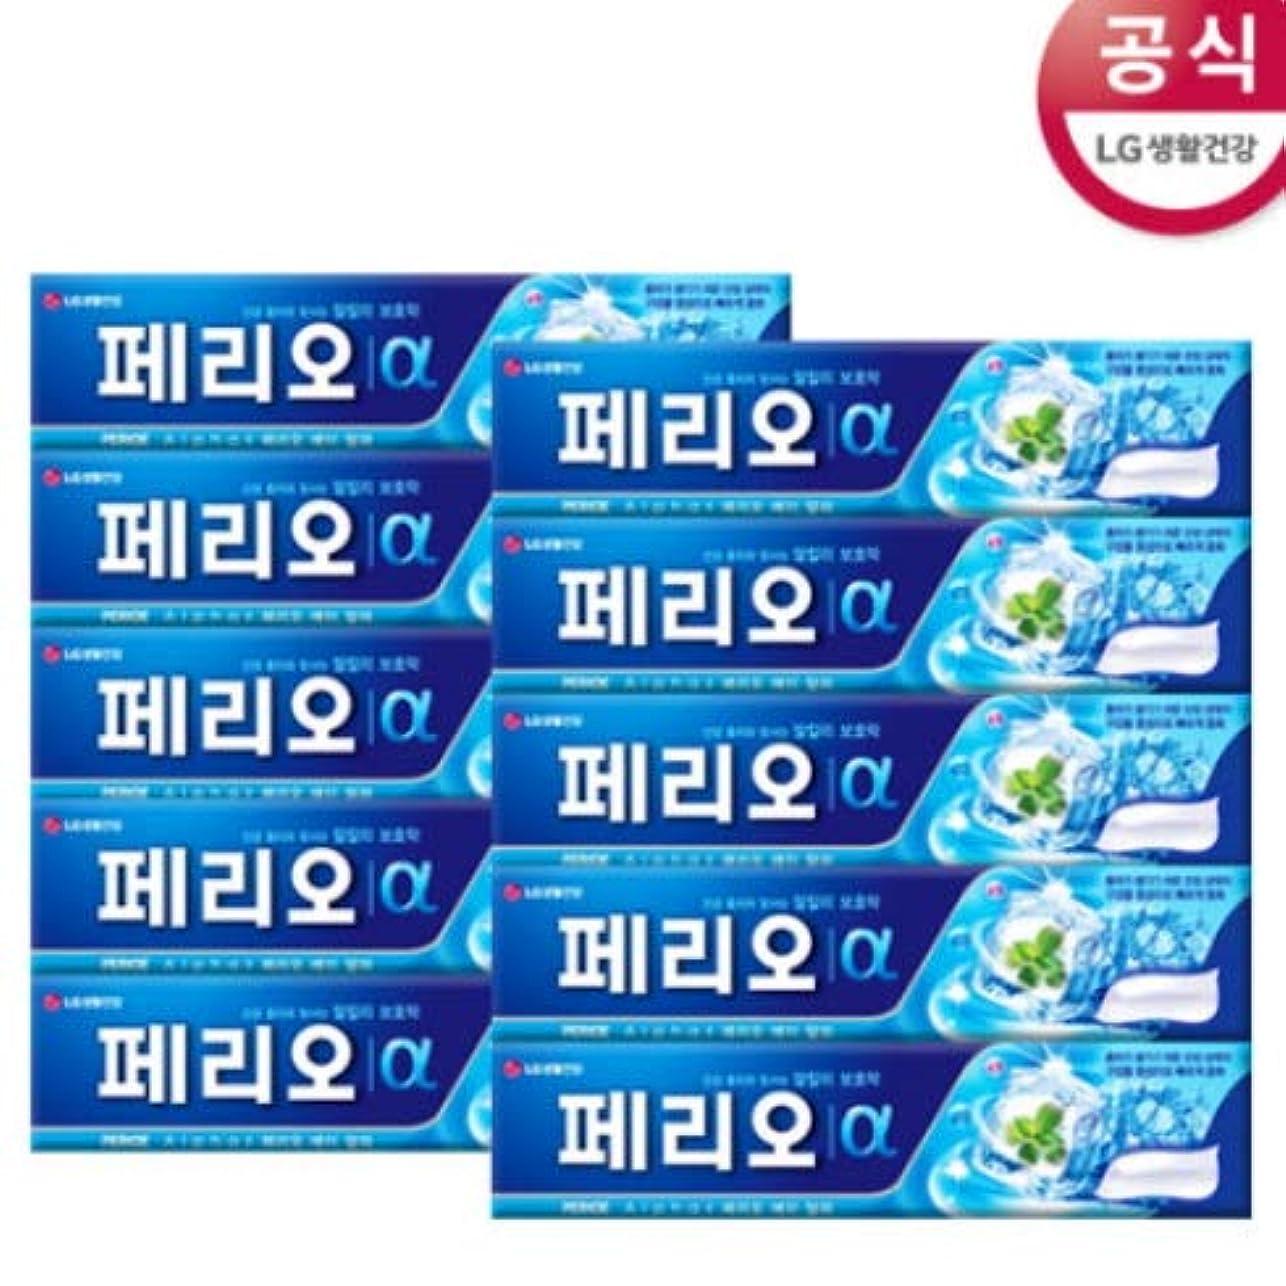 未接続見つける迫害[LG HnB] Perio Alpha Toothpaste/ペリオアルファ歯磨き粉 170gx10個(海外直送品)